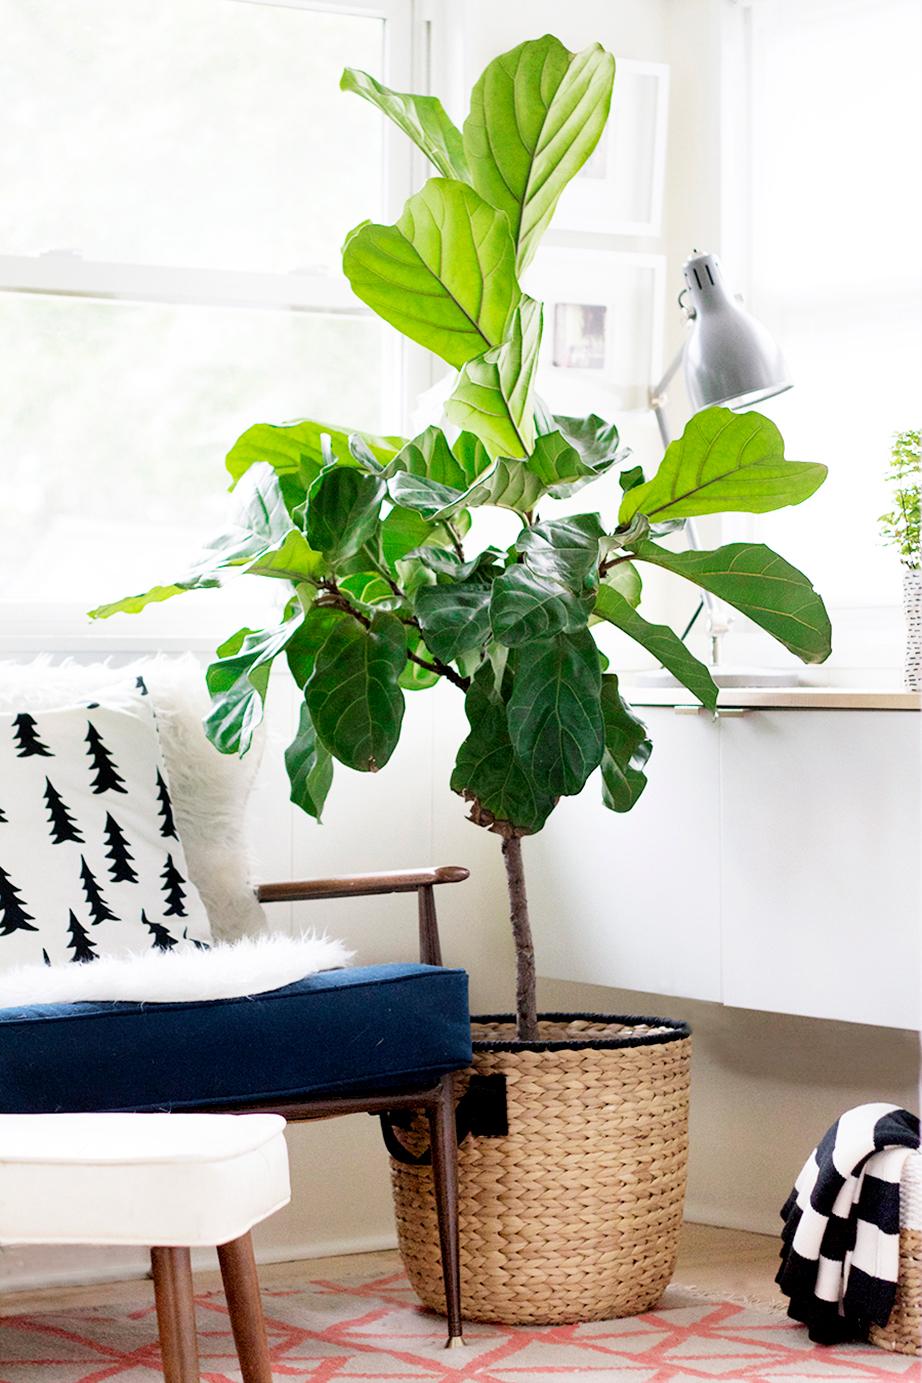 Το φυτό εσωτερικού χώρου που τα φύλλα του με σχήμα βιολιού μοιάζουν μένει εκτός από τη νέα σεζόν.